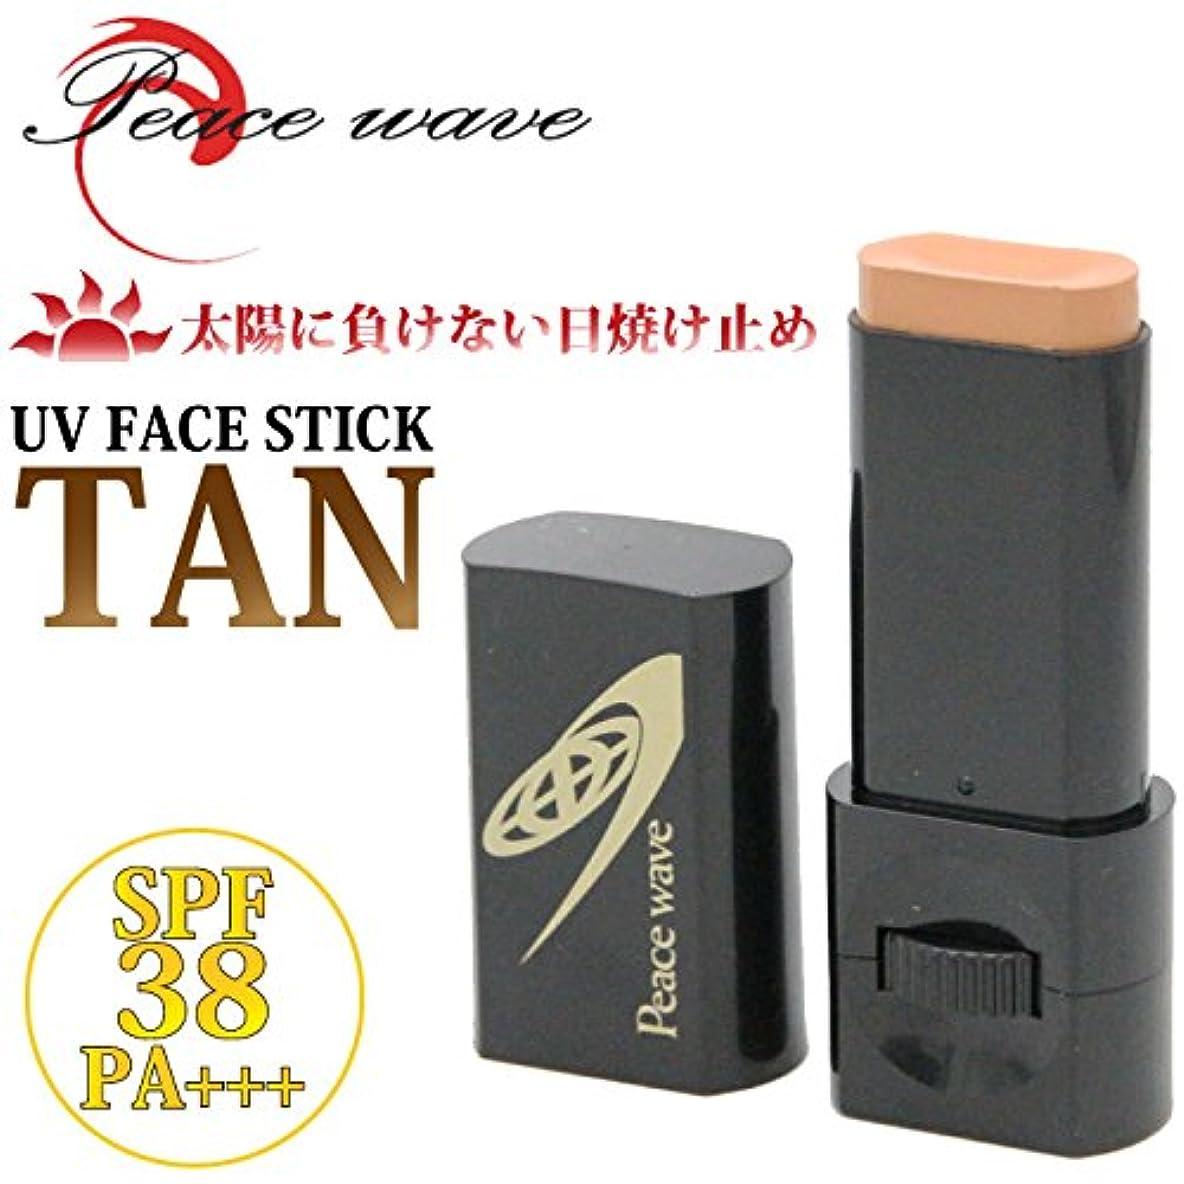 生じる放射するそこからPEACE WAVE(ピースウェーブ) 日焼け止め UV FACE STICK SPF38 フェイススティック タン